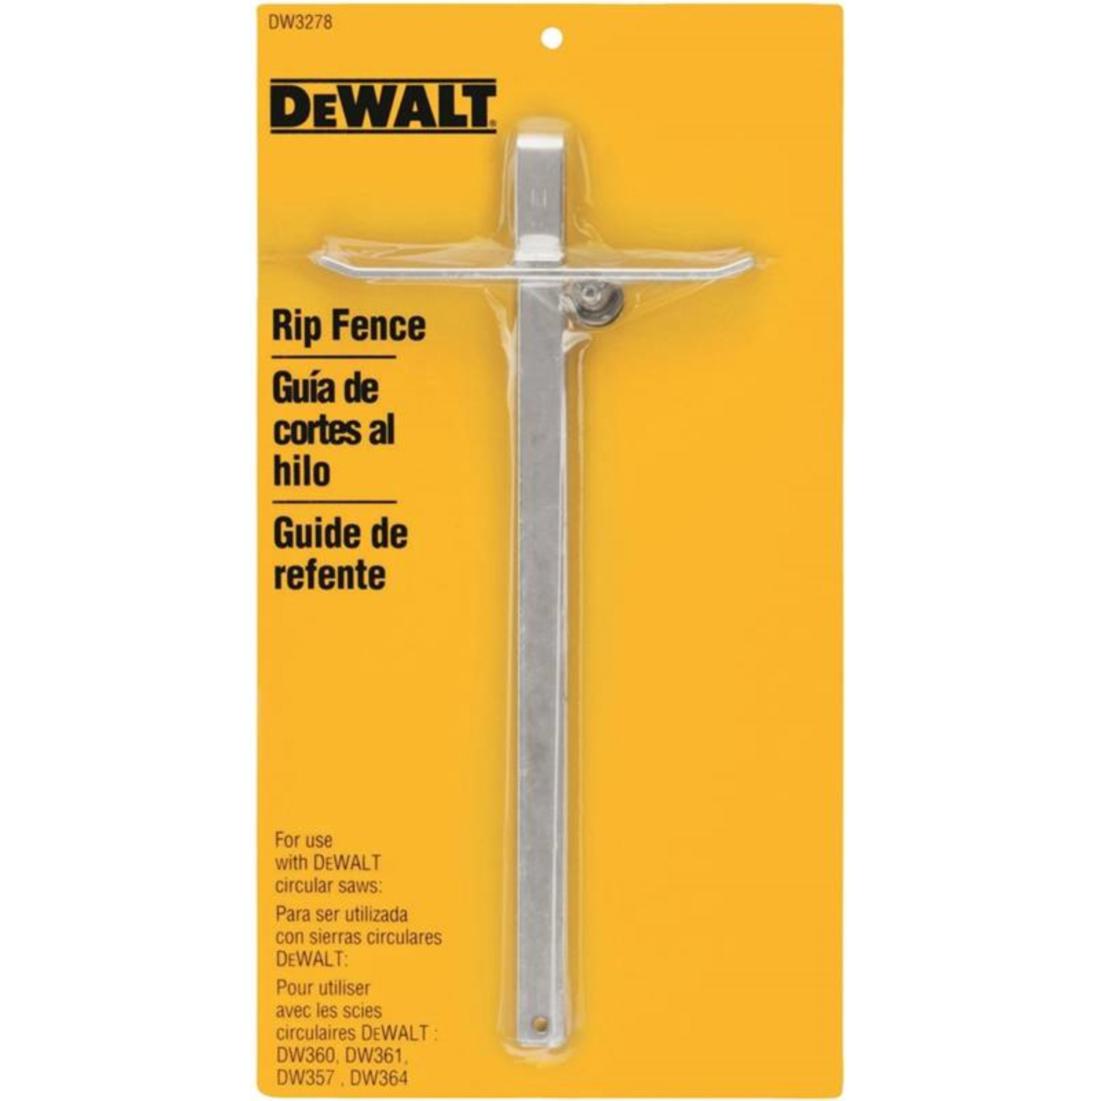 DeWALT DW3278